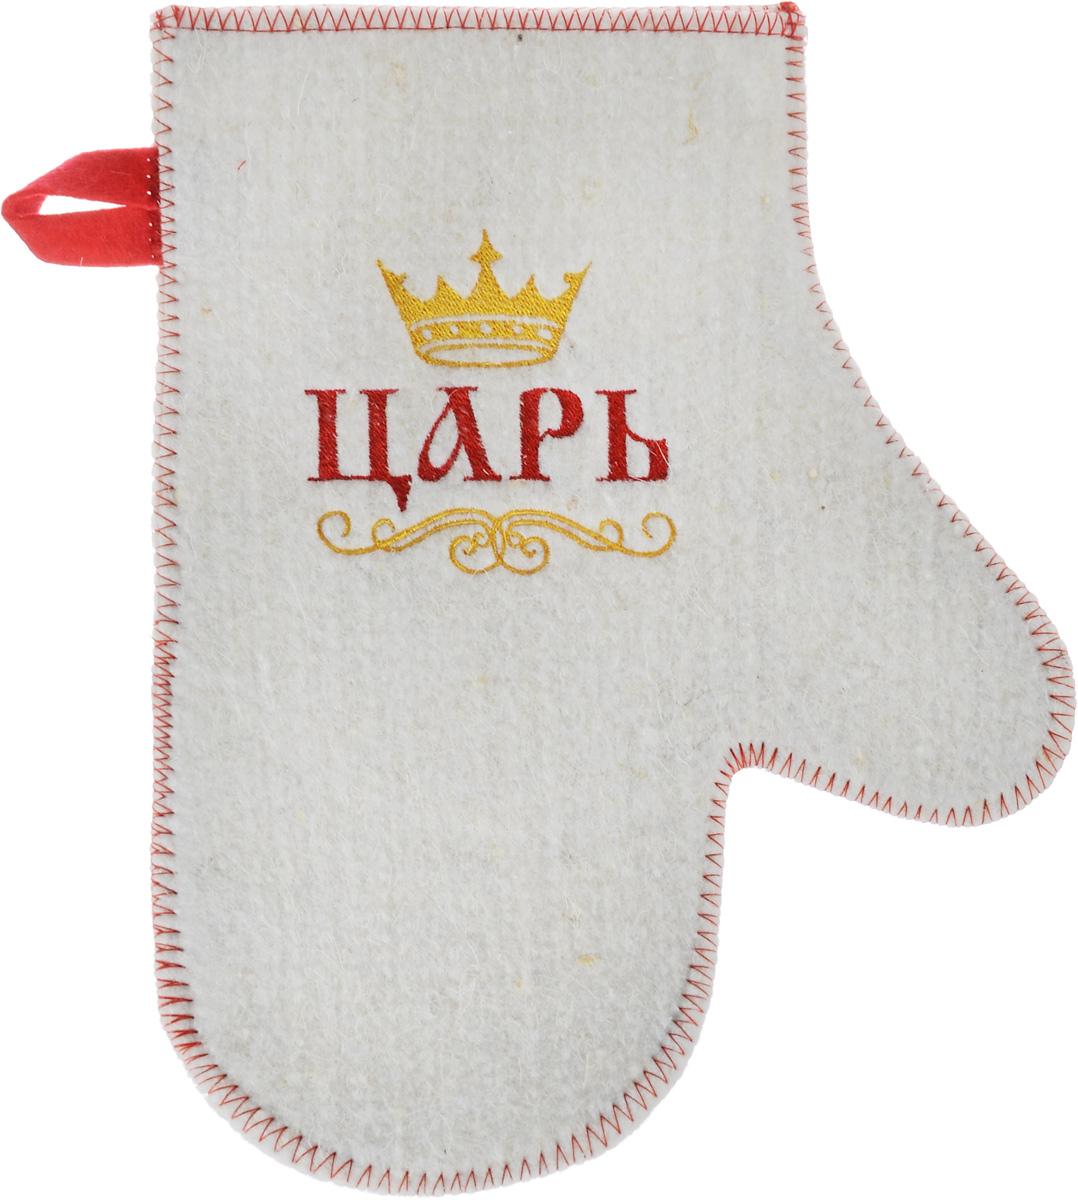 Рукавица для бани и сауны Главбаня ЦарьБ4304Рукавица Главбаня Царь, изготовленная из войлока, - незаменимый банный атрибут. Изделие декорировано ярким рисунком и оснащено петелькой для подвешивания на крючок. Такая рукавица защищает руки от горячего пара, делает комфортным пребывание в парной. Также ею можно прекрасно промассировать тело.Размер рукавицы: 23 х 28 см.Материал: войлок (50% шерсть, 50% полиэфир).